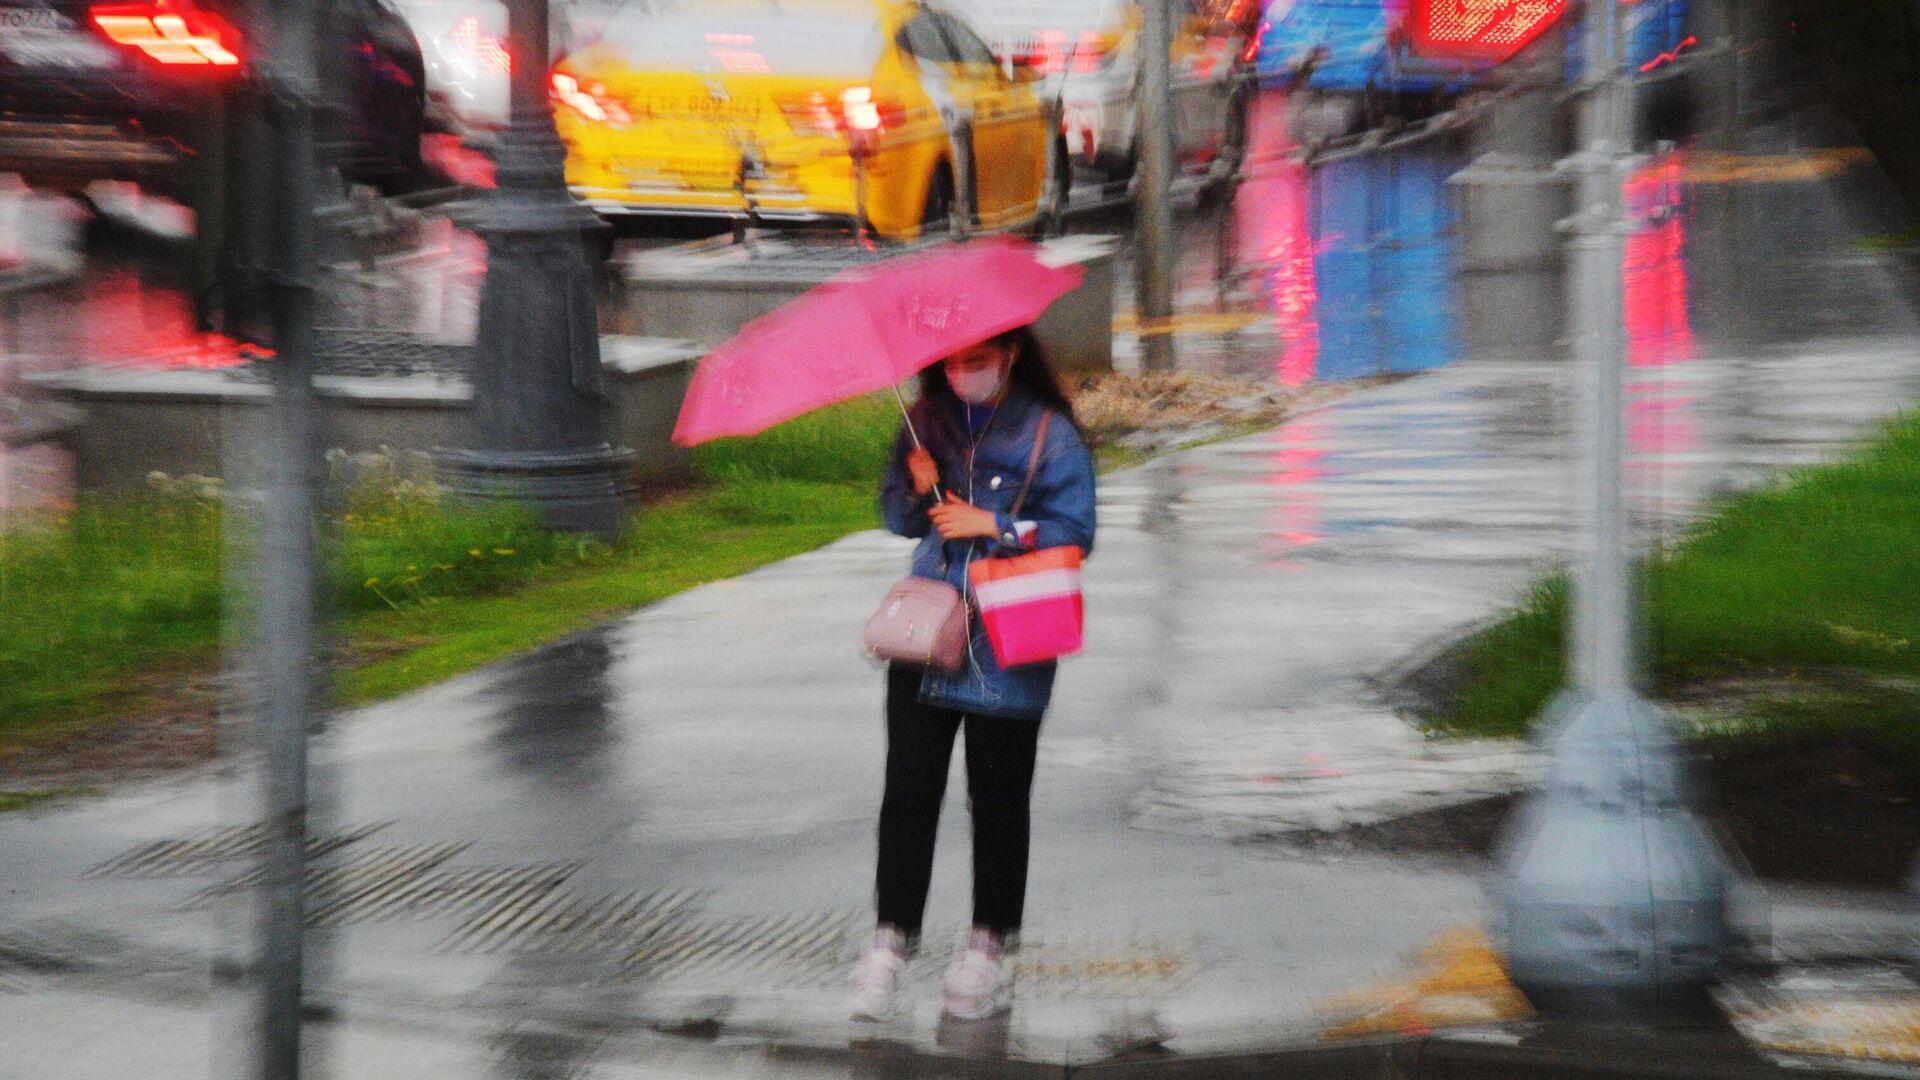 Девушка под зонтом у пешеходного перехода во время дождя - РИА Новости, 1920, 21.07.2021